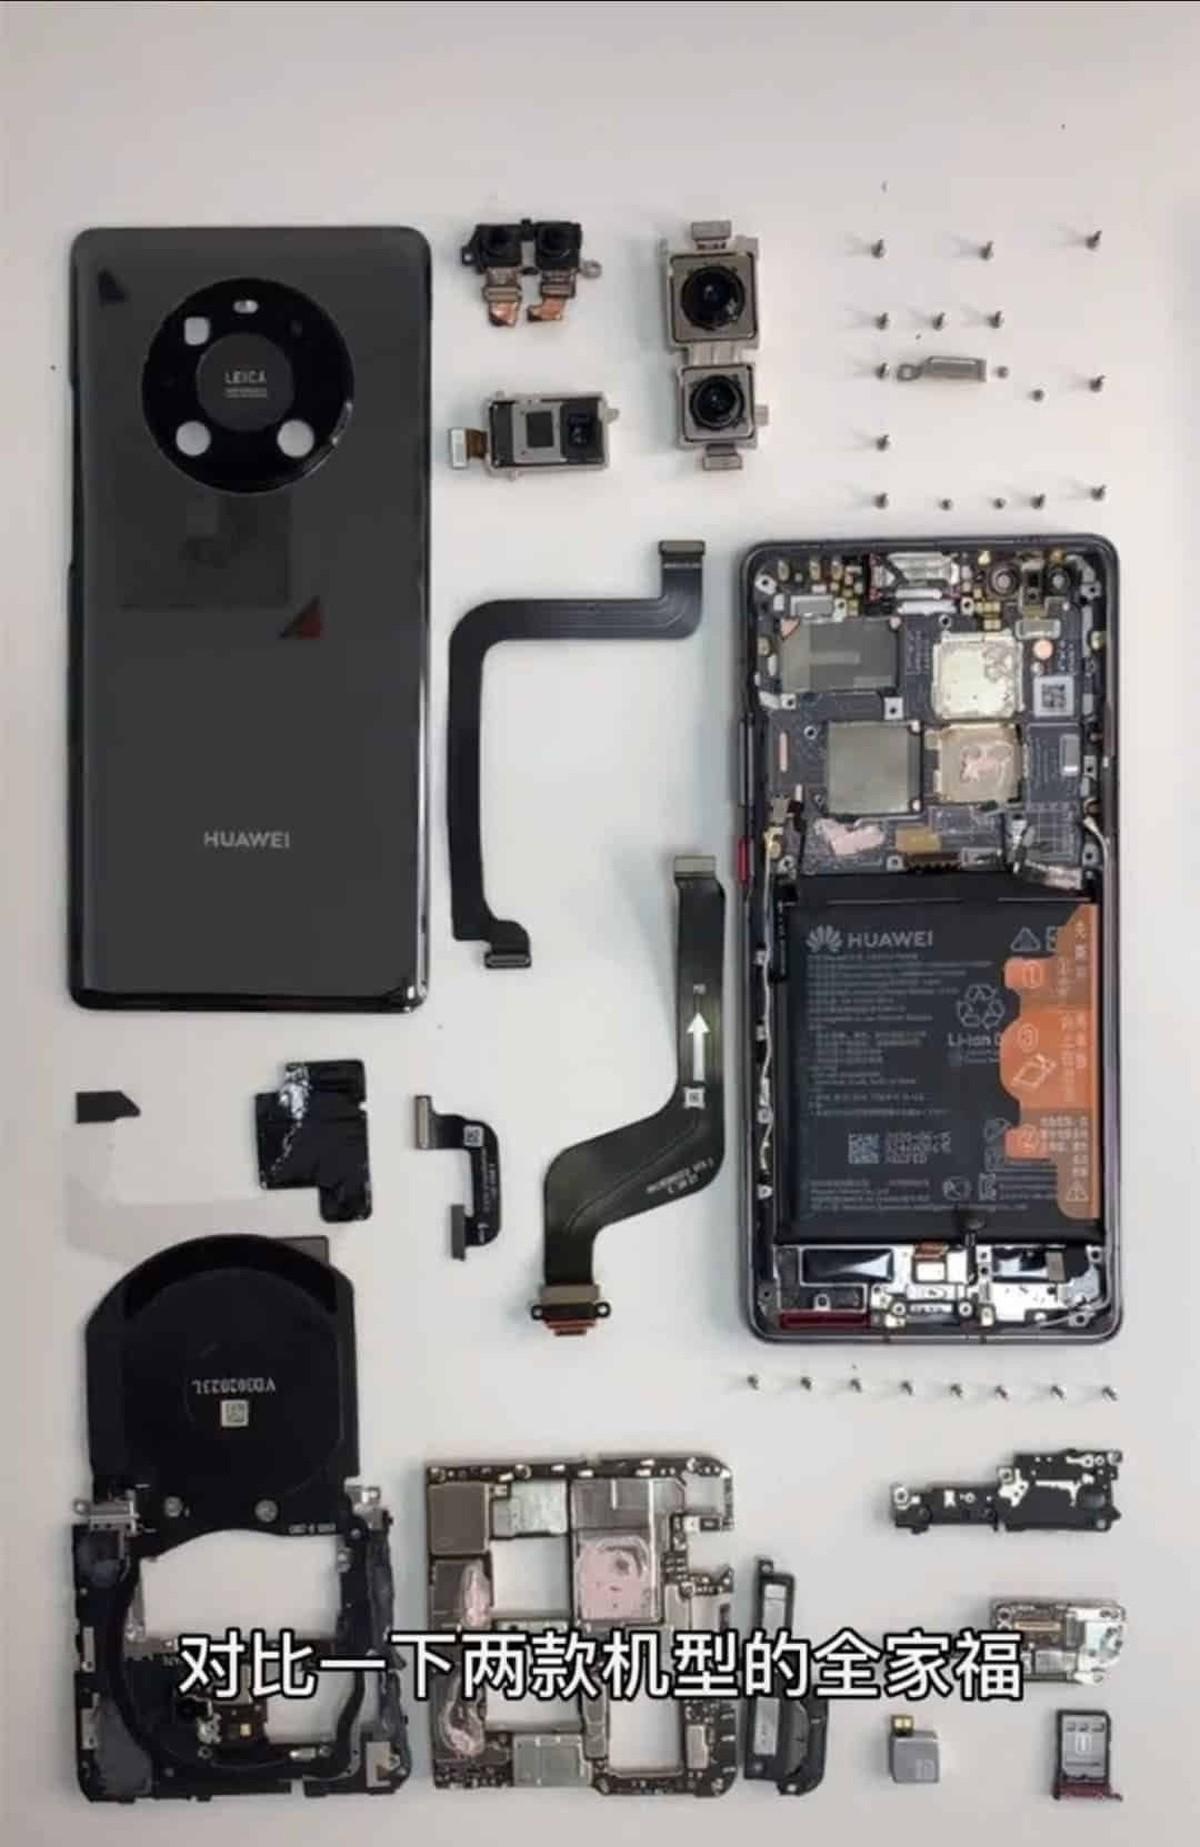 استفاده 40 Pro+ Huawei Mate از حافظه فوق سریع ساخت هوآوی